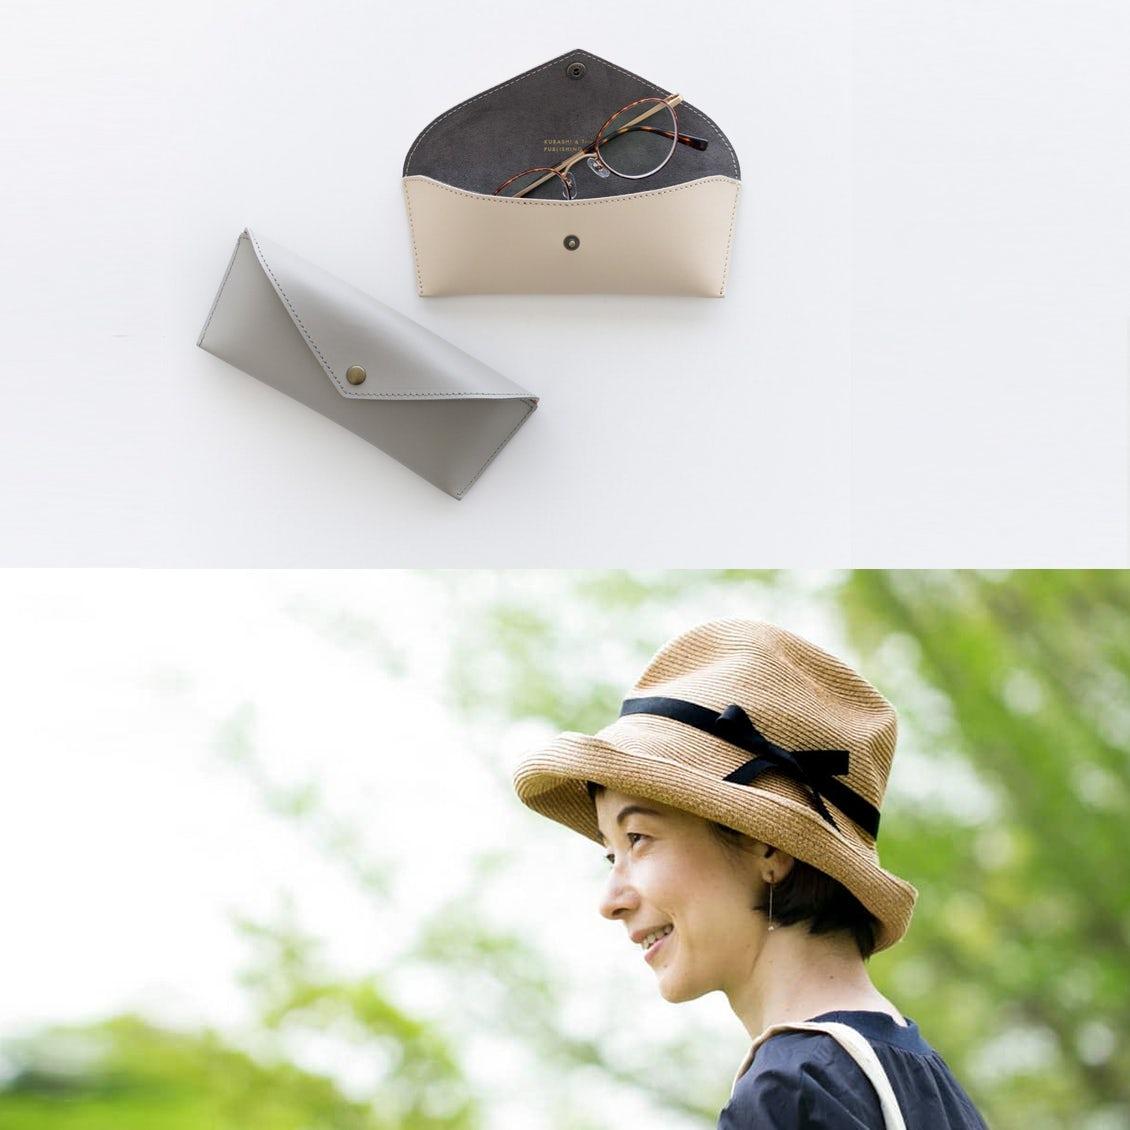 【新商品&再入荷】コンパクトなメガネケースがオリジナルで登場!人気のmature ha.の帽子も再入荷です♩